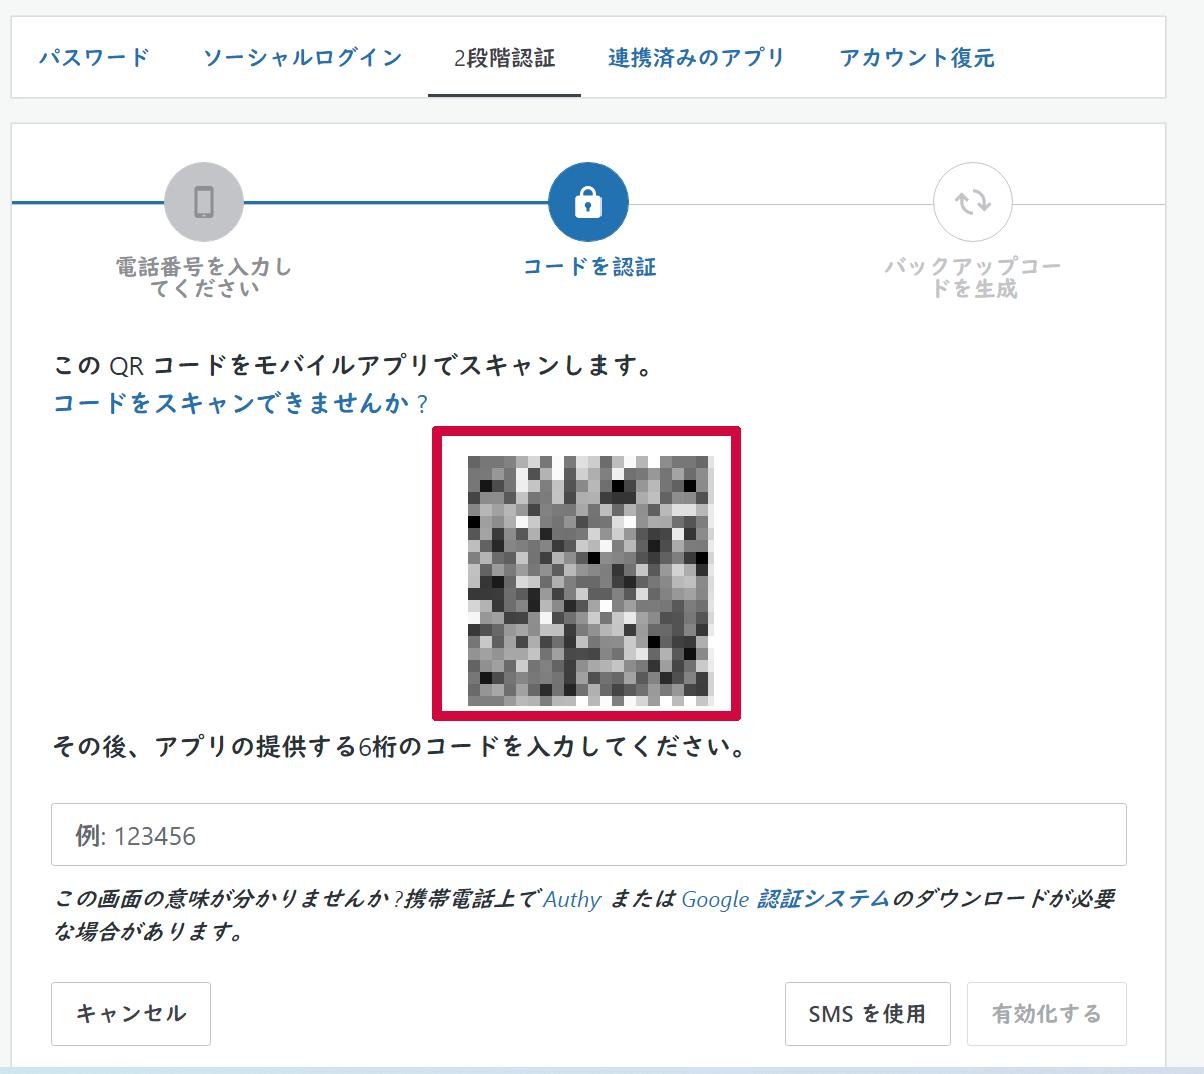 QRコードが表示されたページが表示されますので、このQRコードをGoogle Authenticatorなどのアプリなどを用いて読み取っていきます。